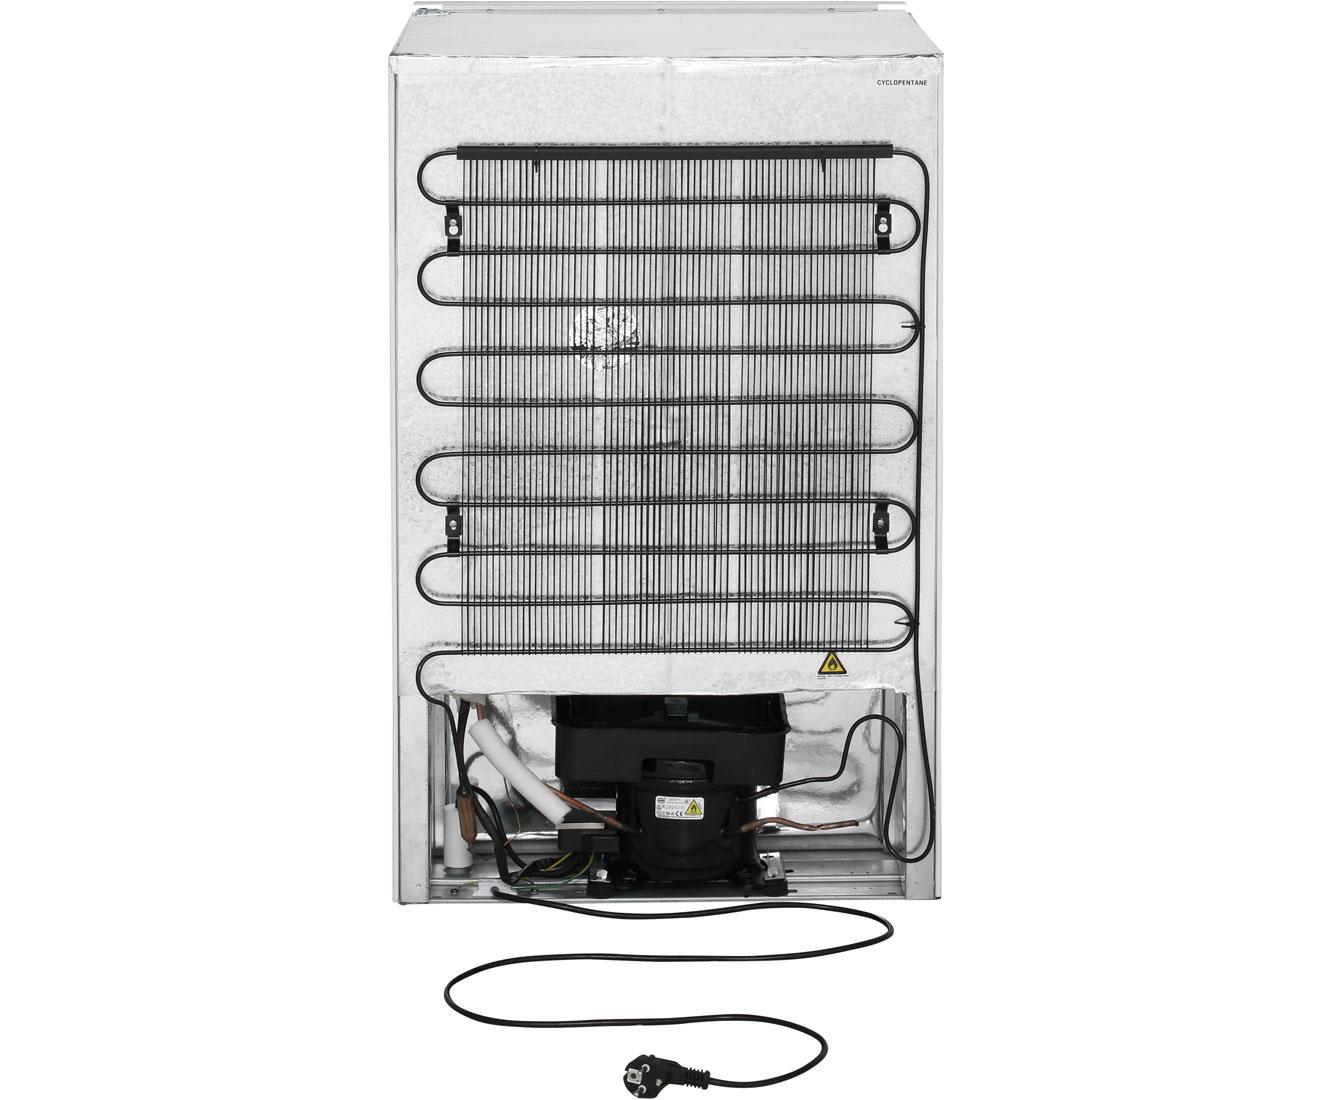 Amica Kühlschrank Probleme : Amica evks 16162 einbau kühlschrank 88er nische schlepptür